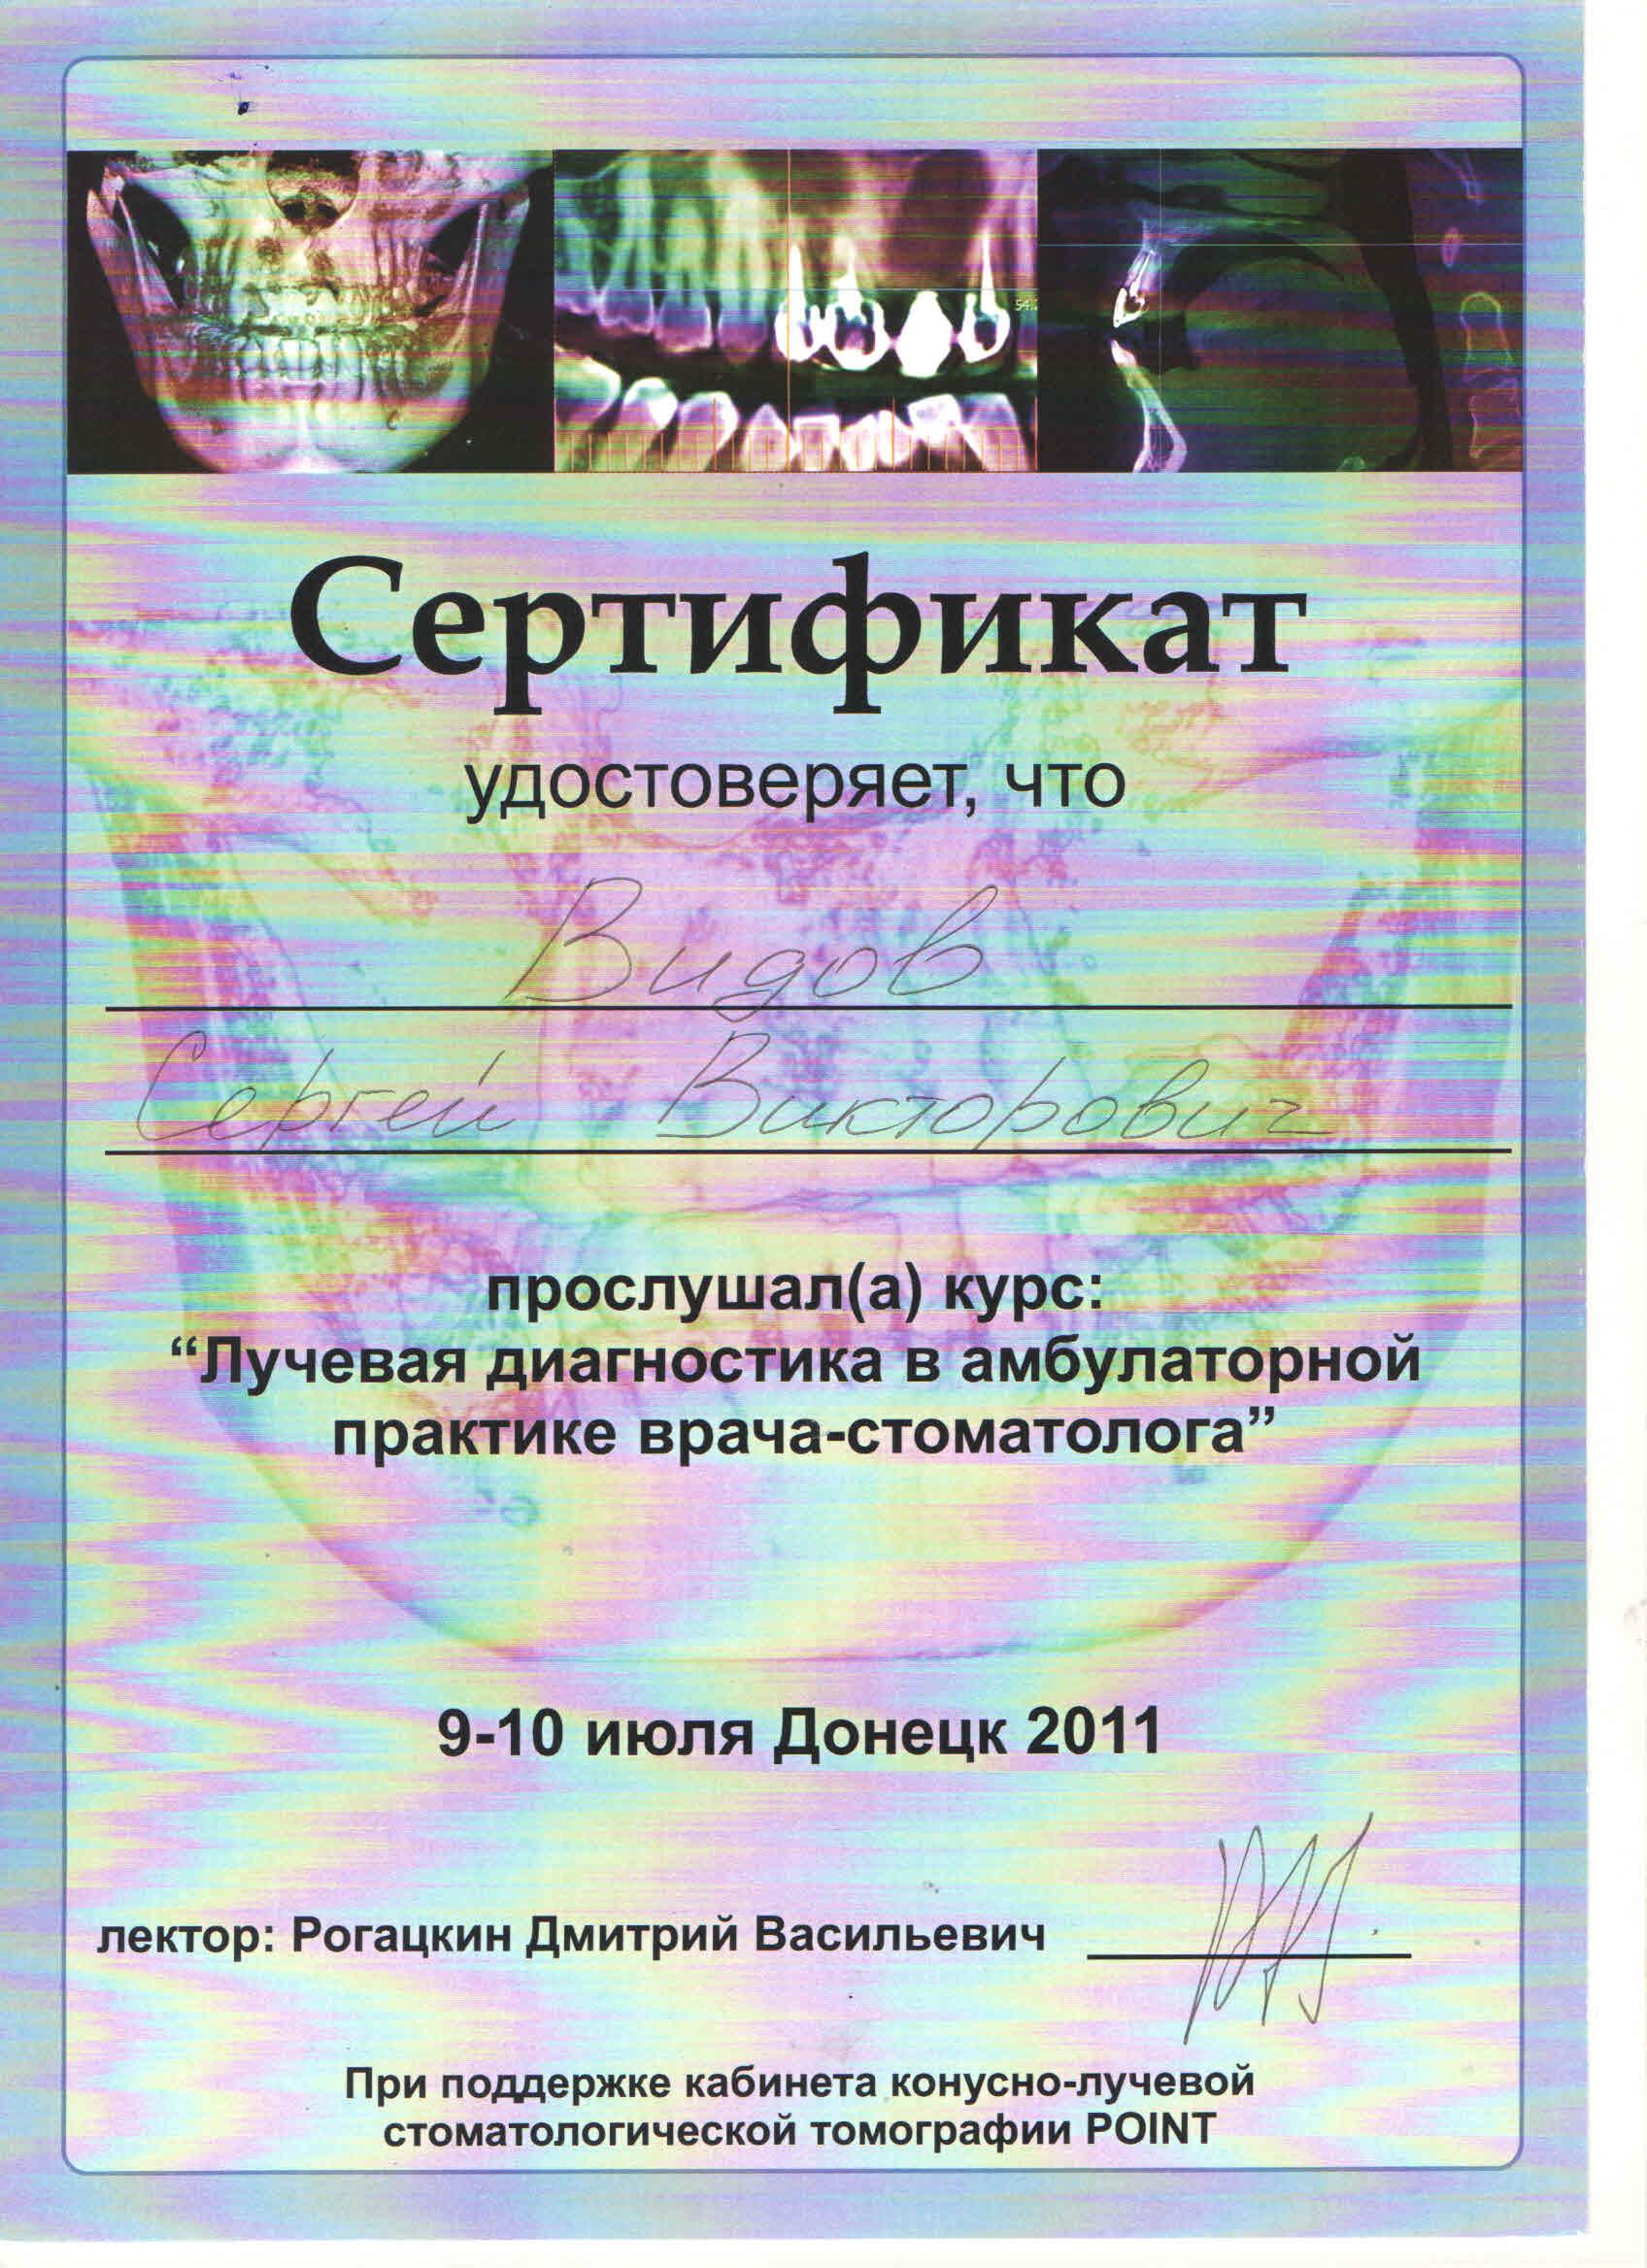 vidov-serghei22